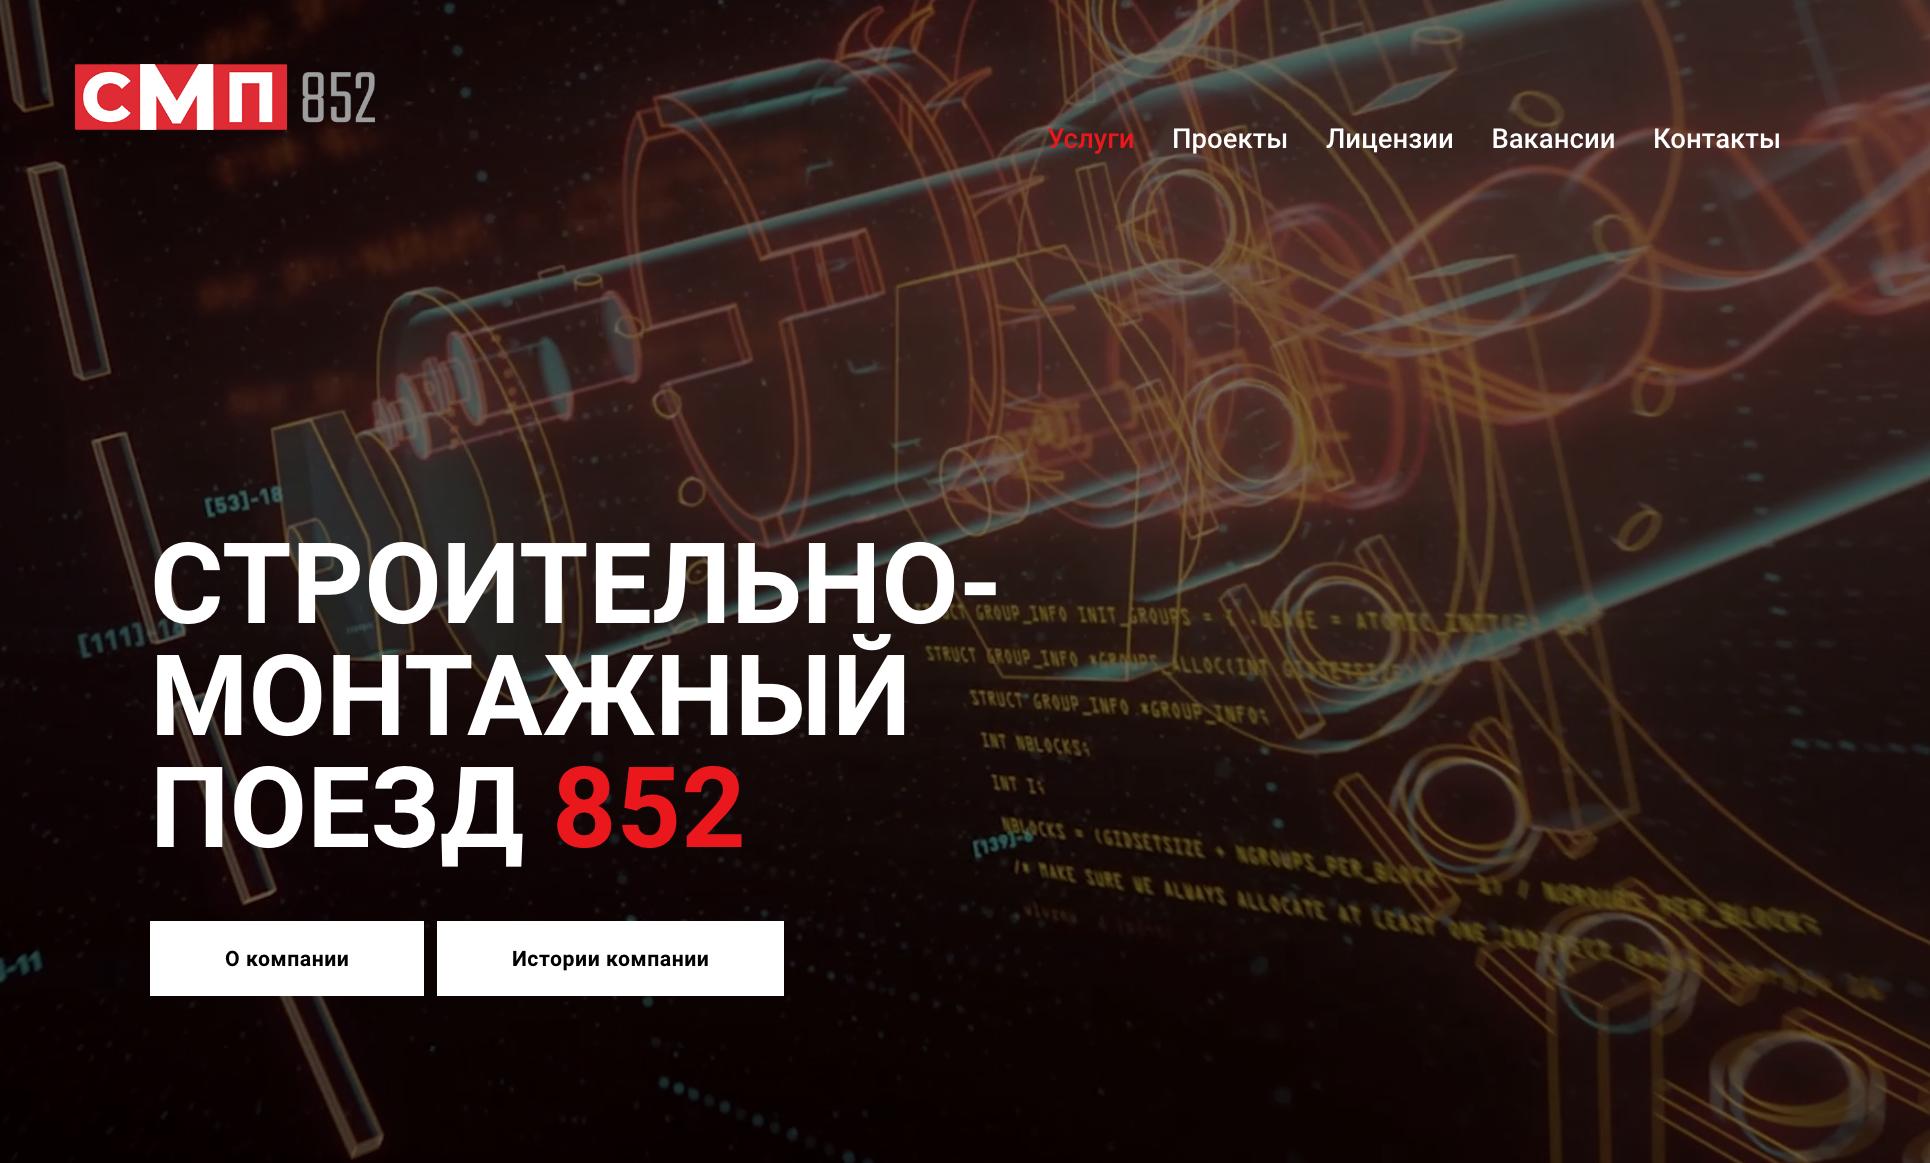 موقع الشركة SMP-852